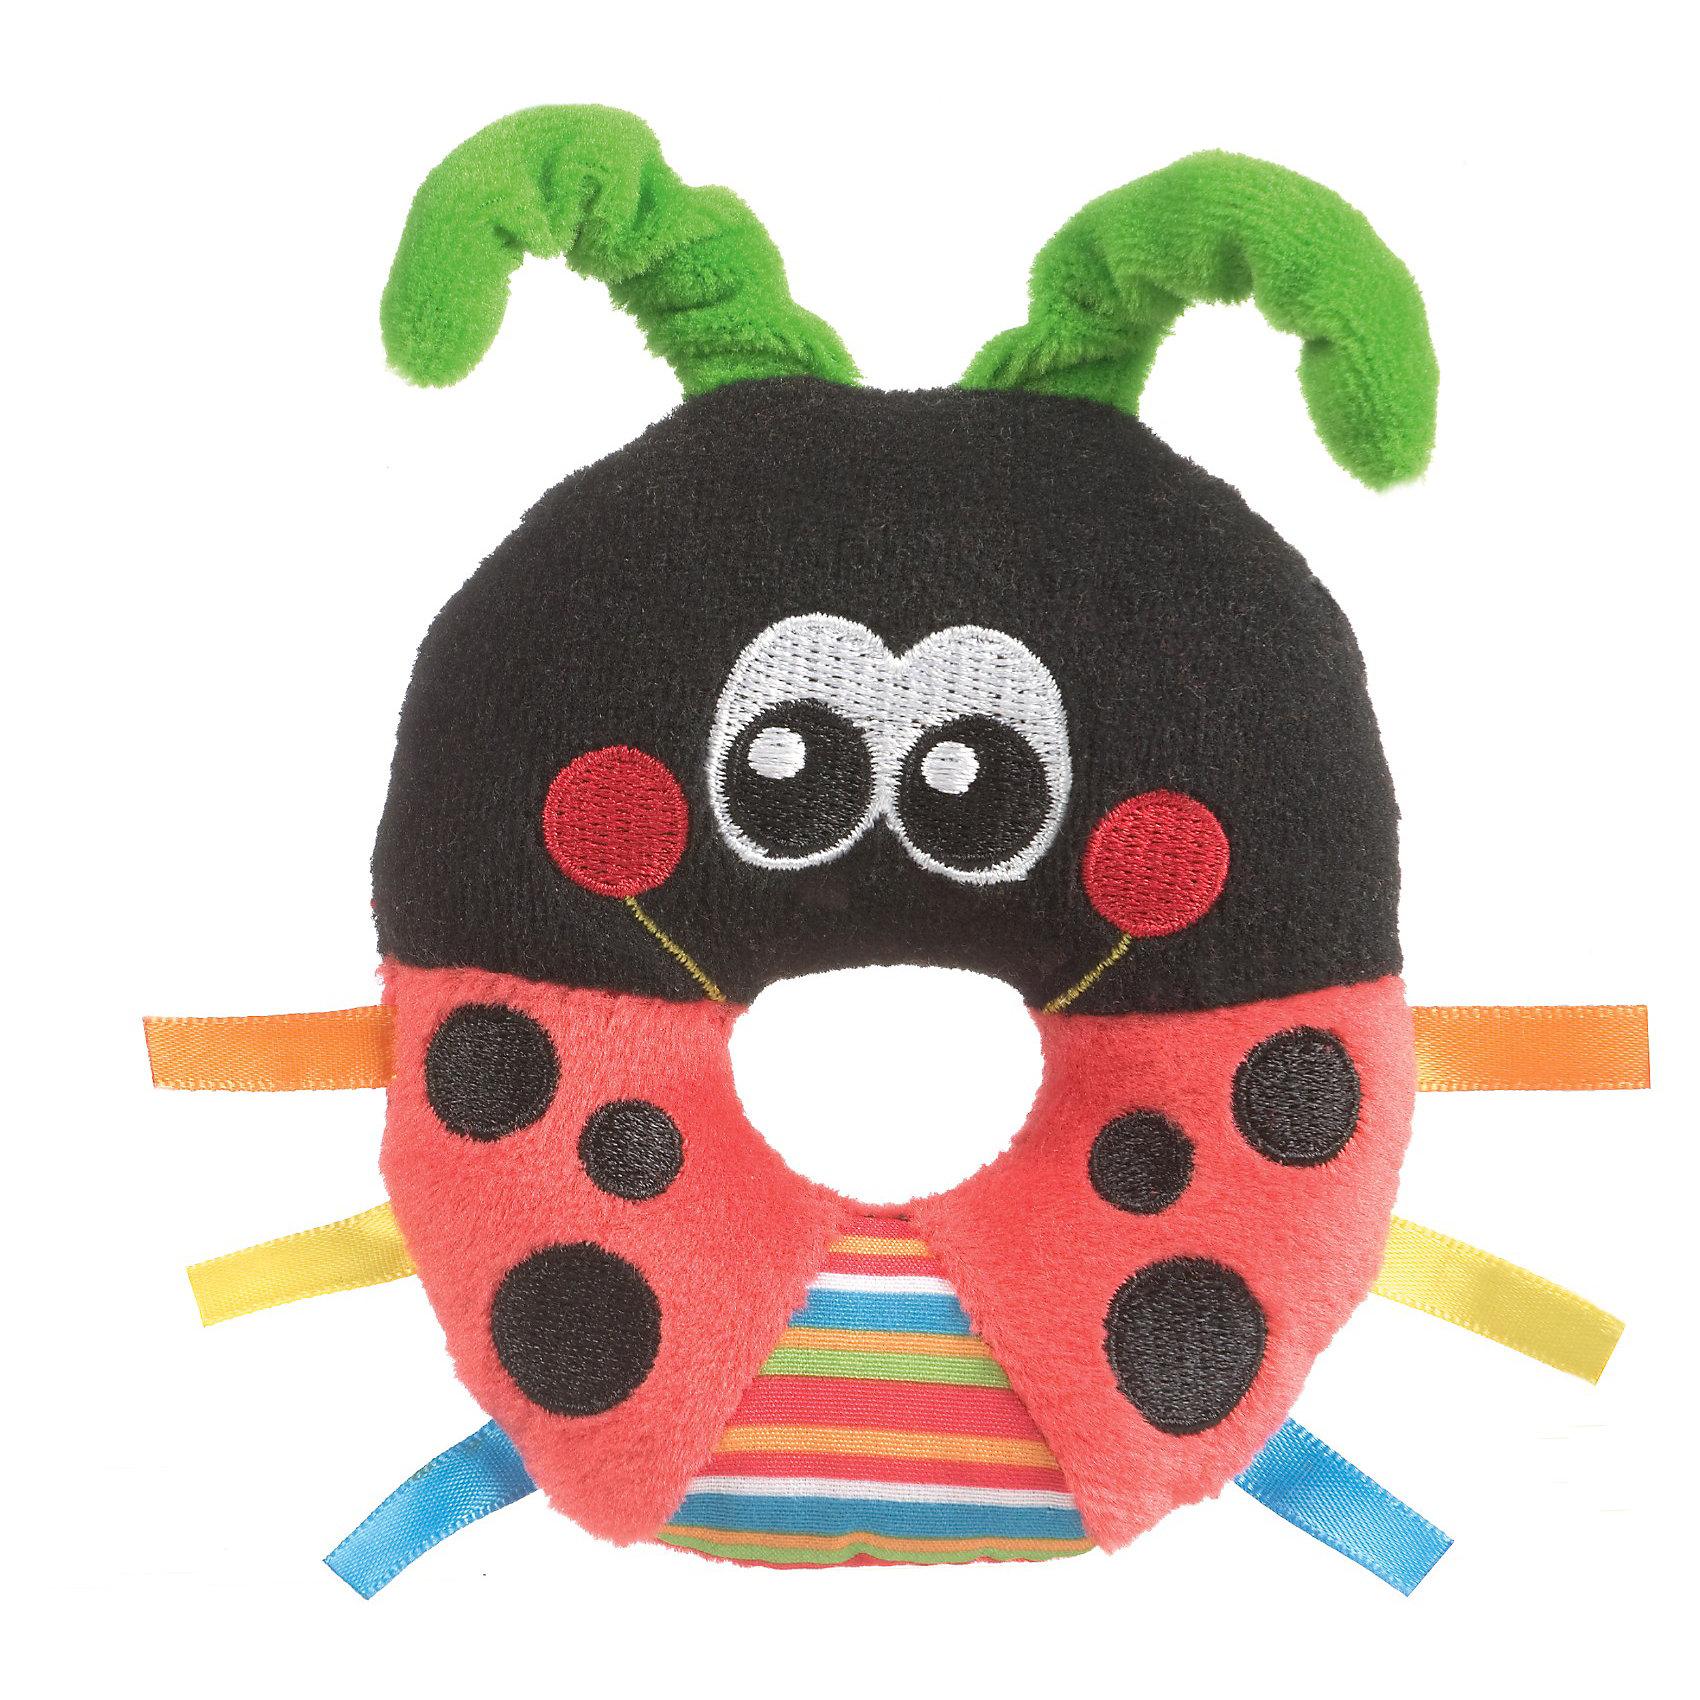 Playgro Игрушка-погремушка Божья коровка Playgro игрушки подвески playgro игрушка подвеска девочка божья коровка